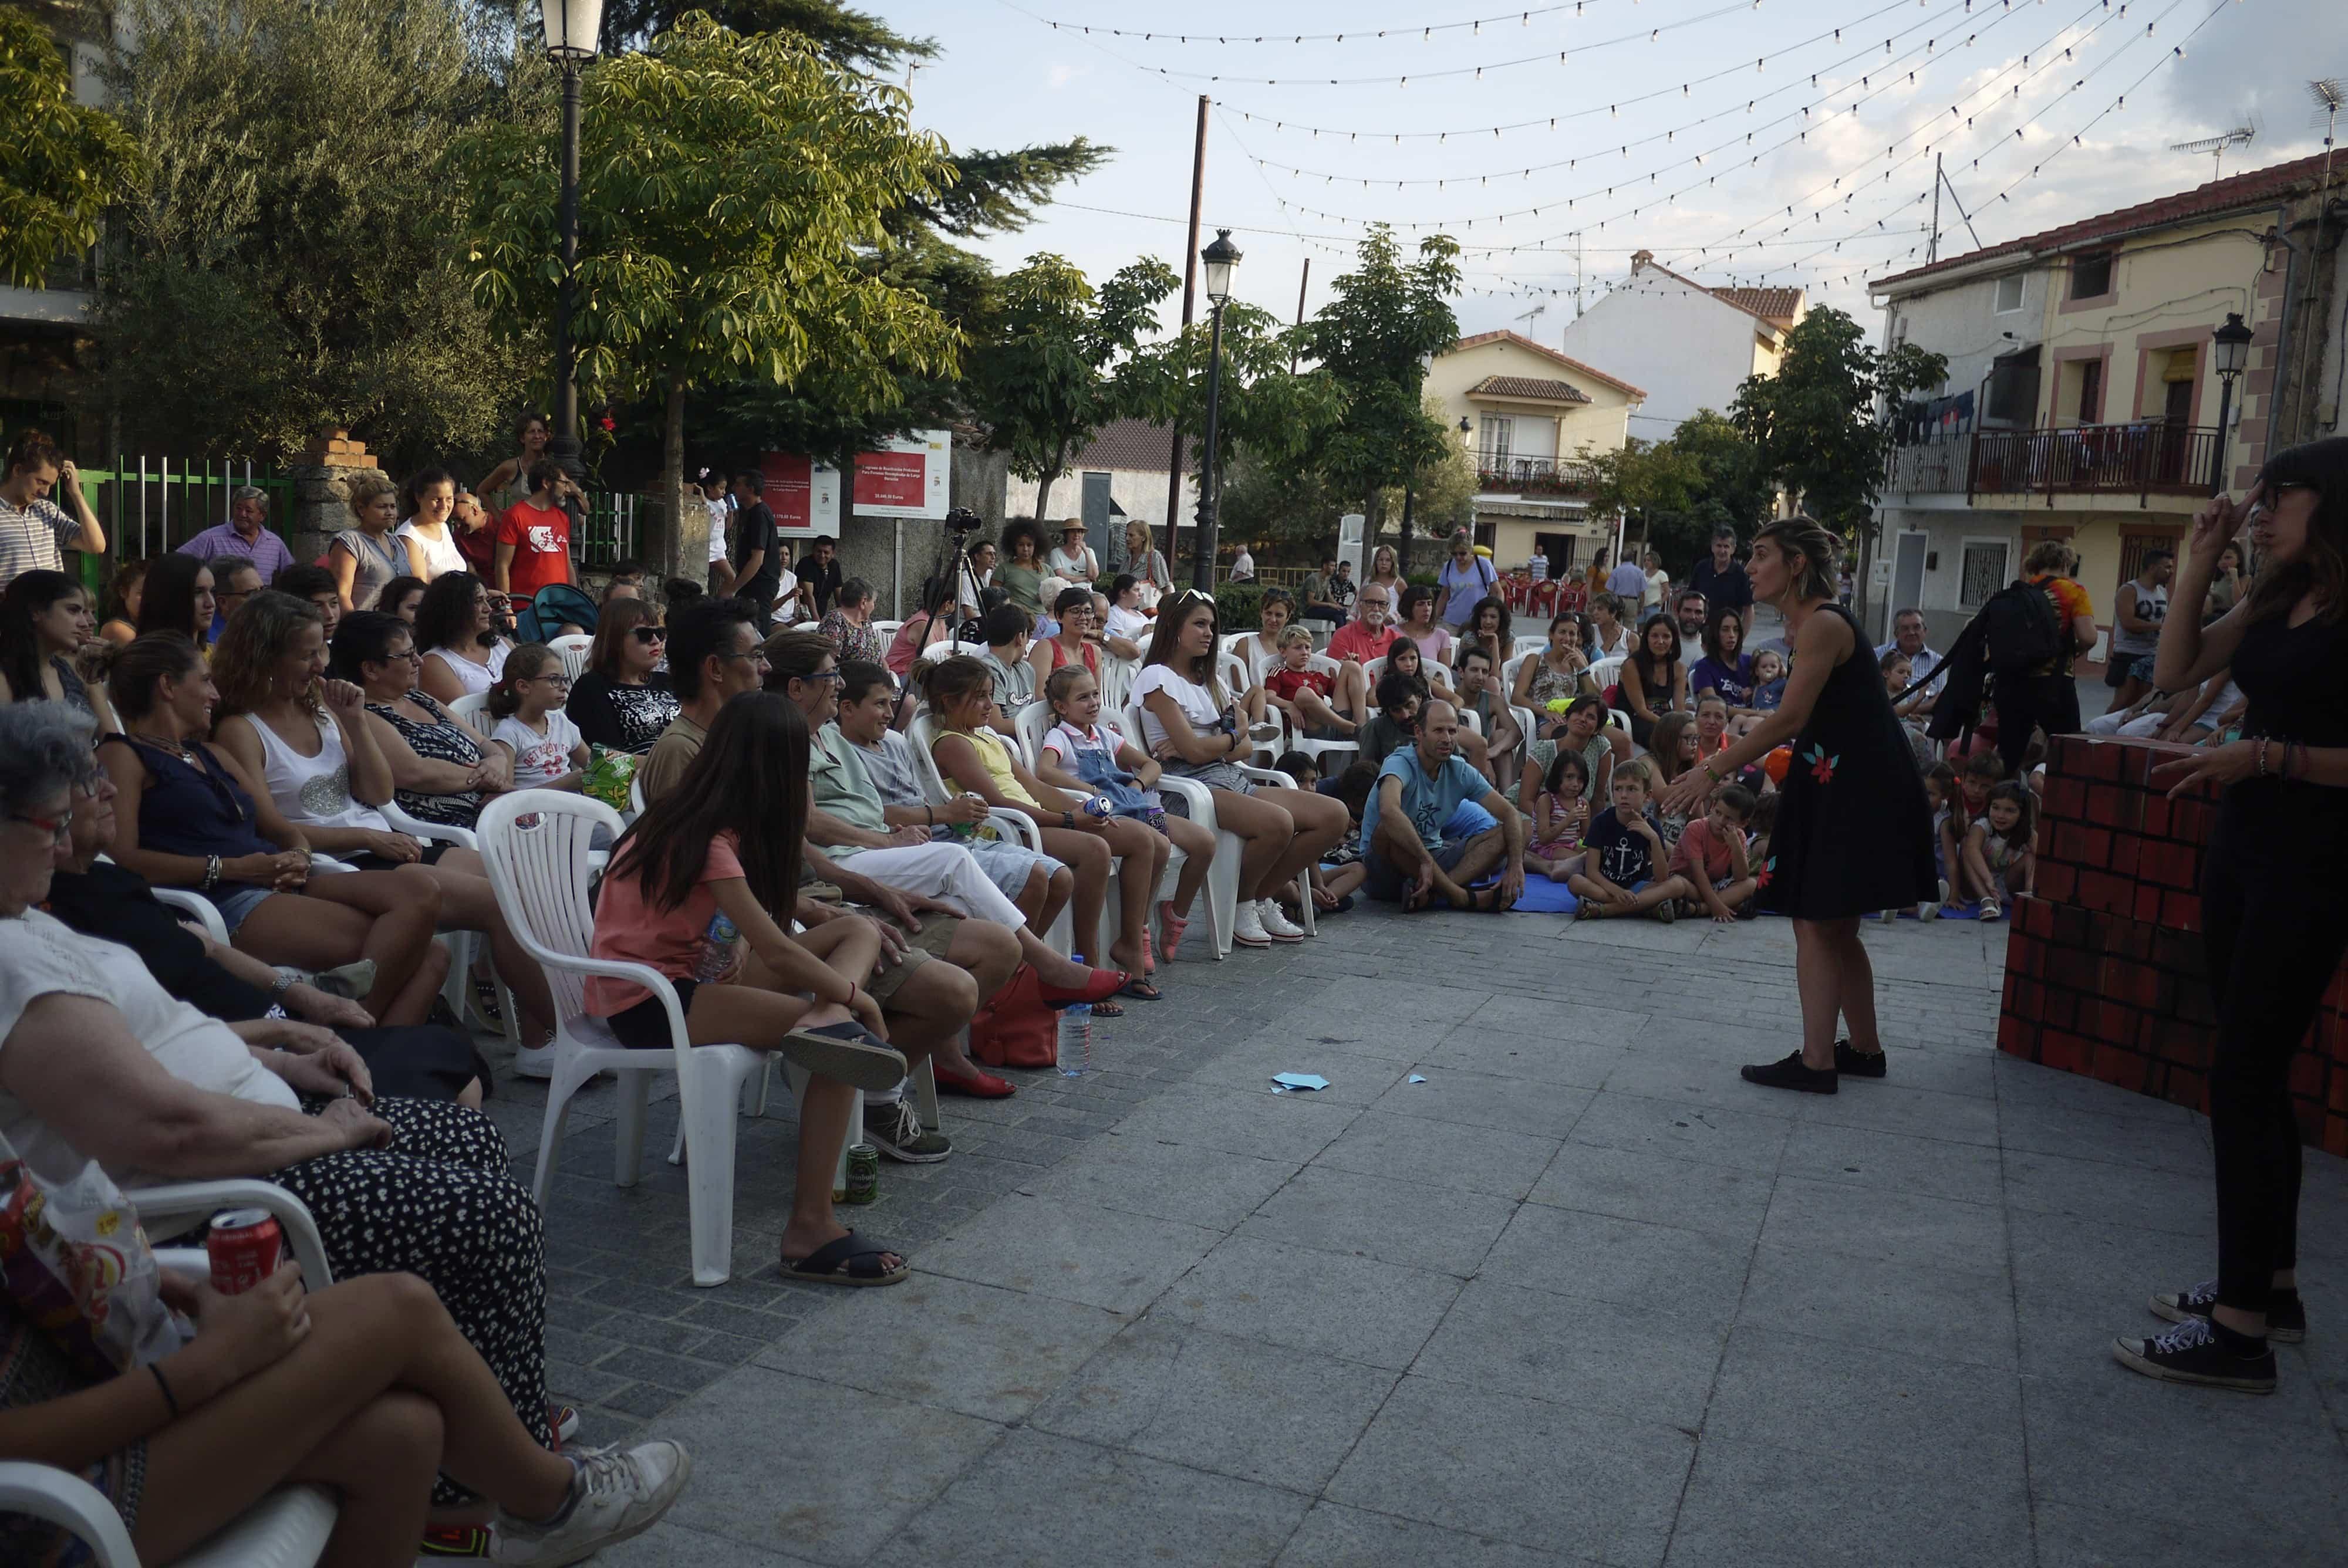 Público Navalafuenteño